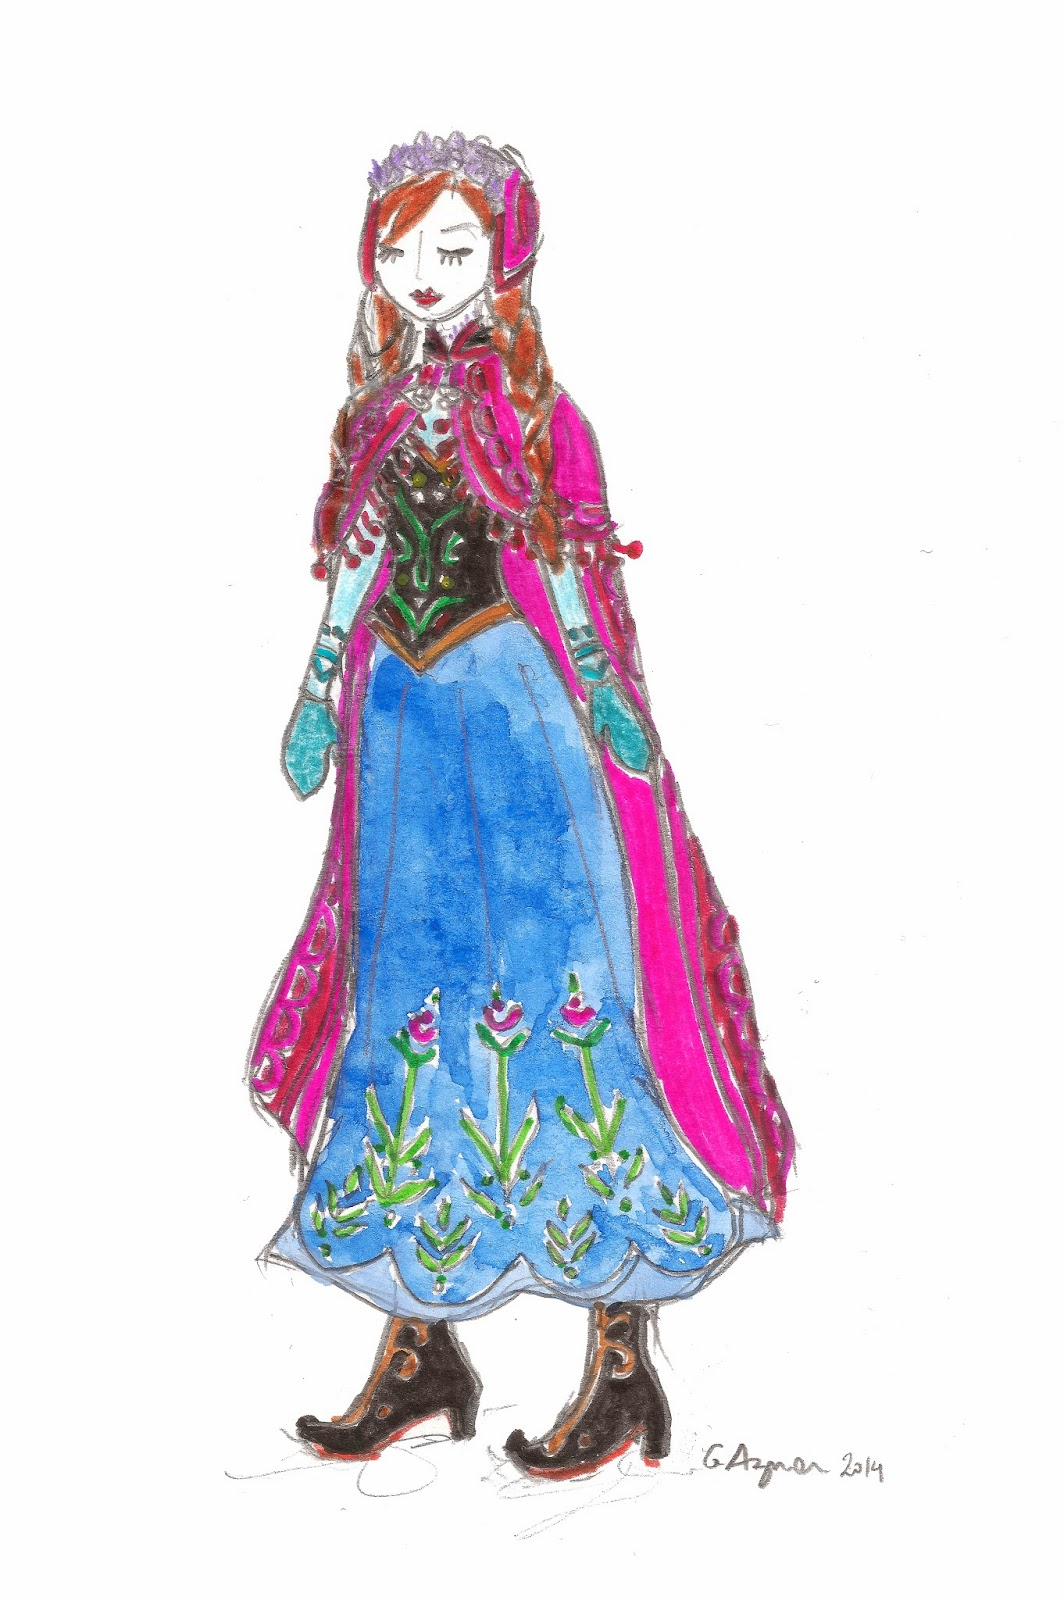 Le blog de gabrielle aznar fan art anna et elsa la - Anna la reine des neige ...